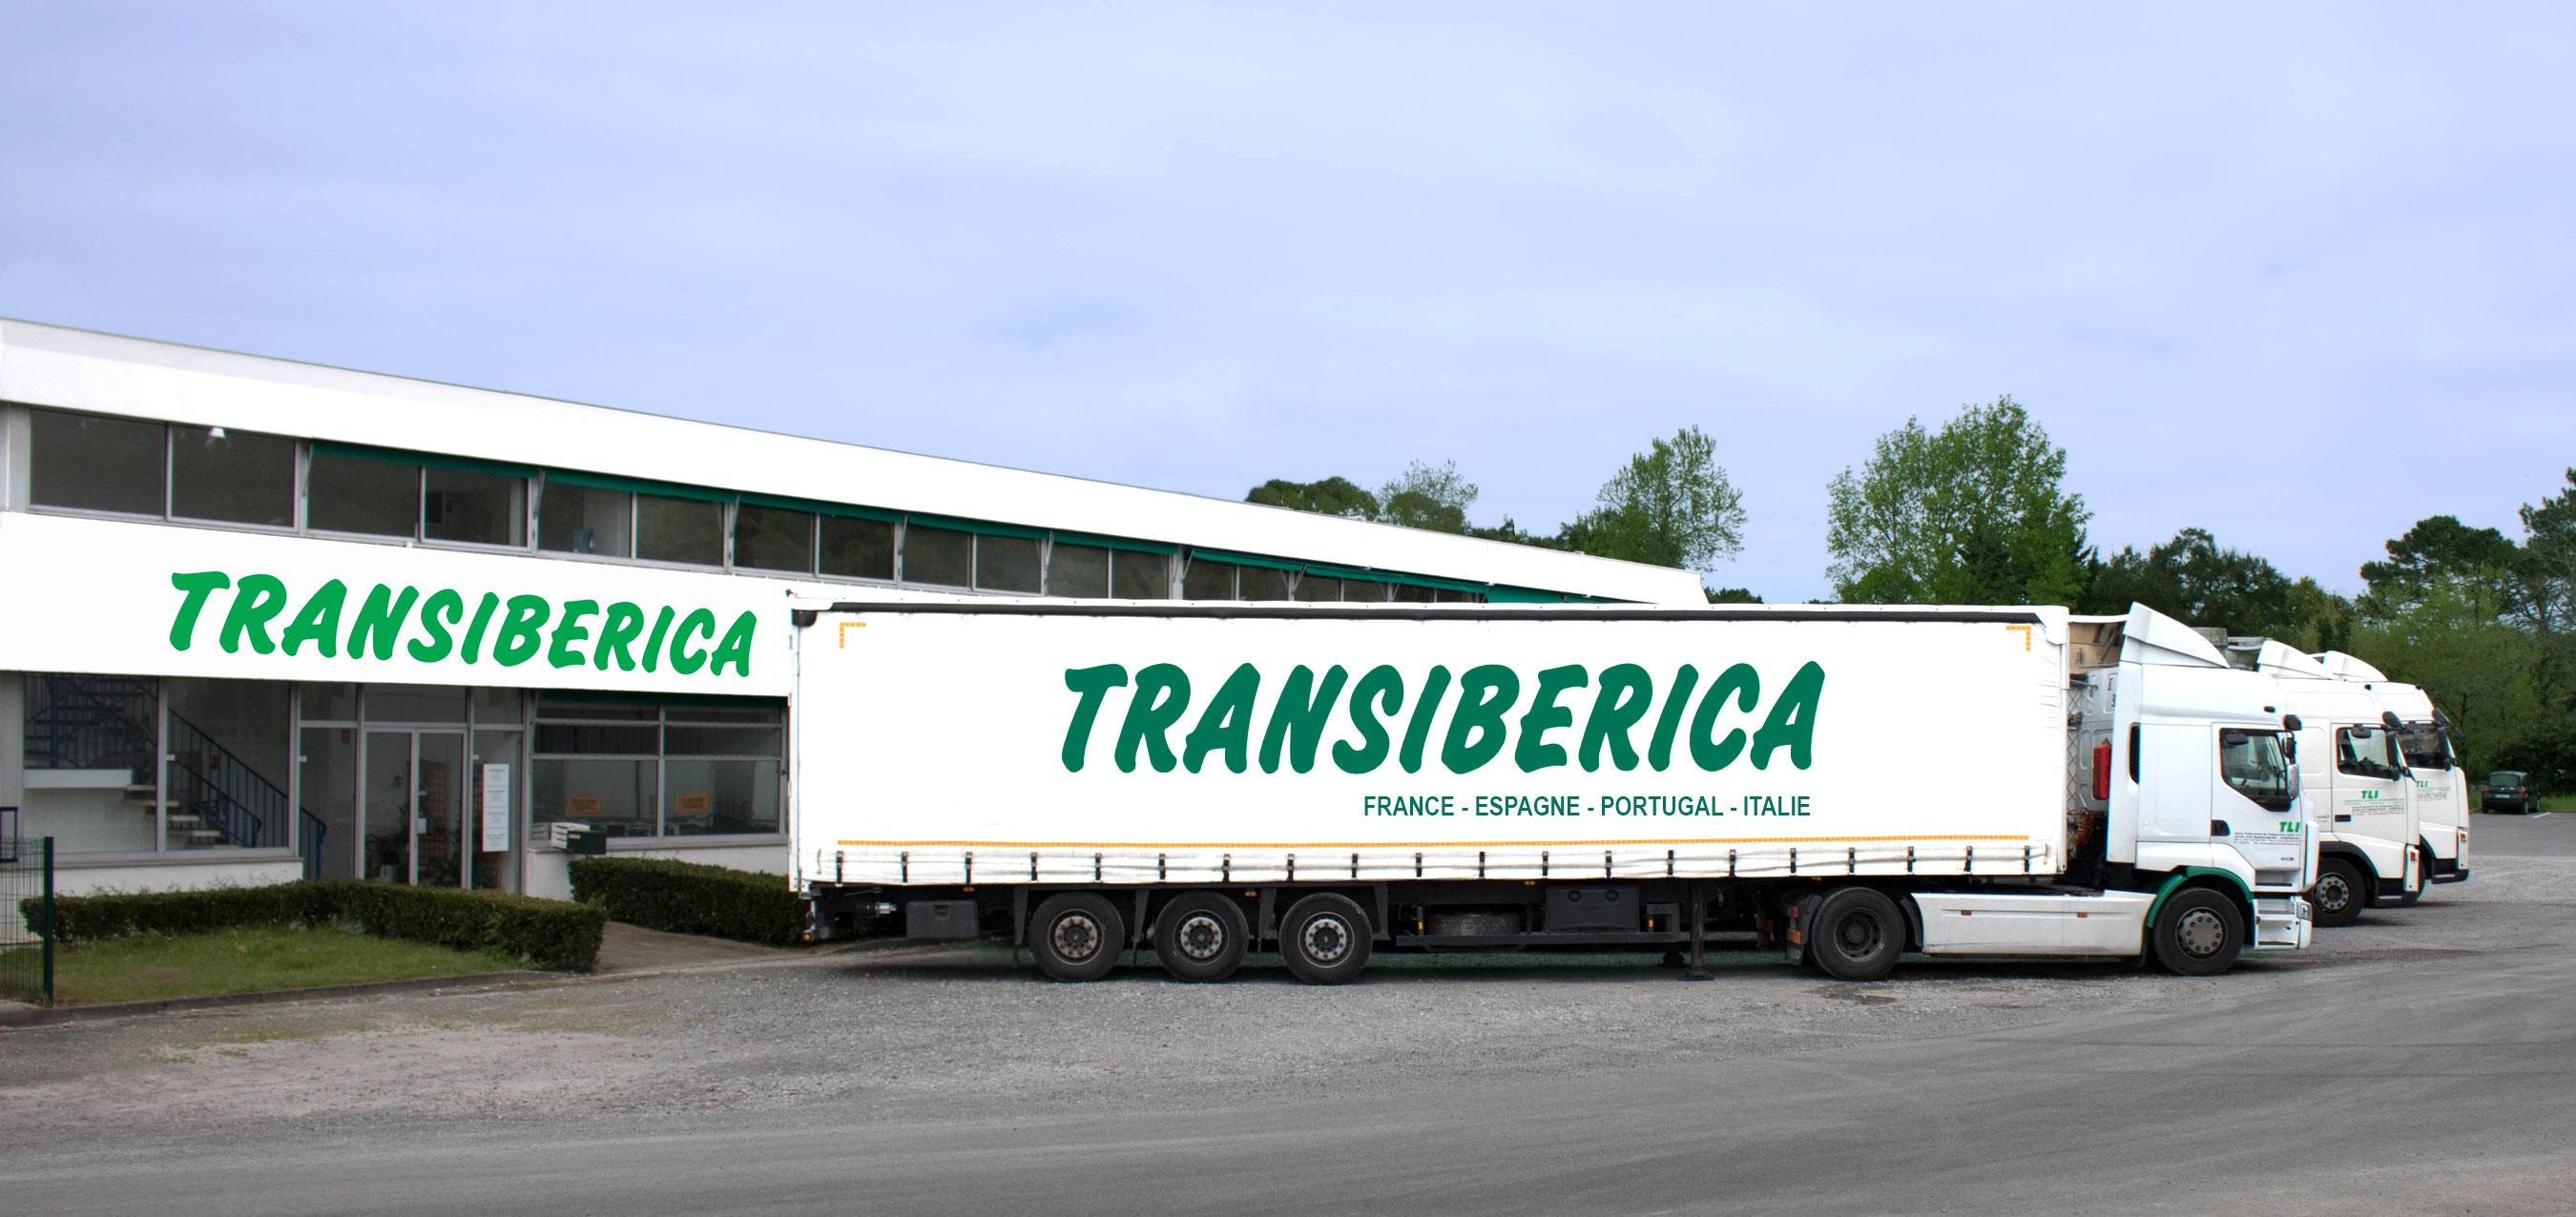 Siège social de l'entreprise de Transport routier Transiberica